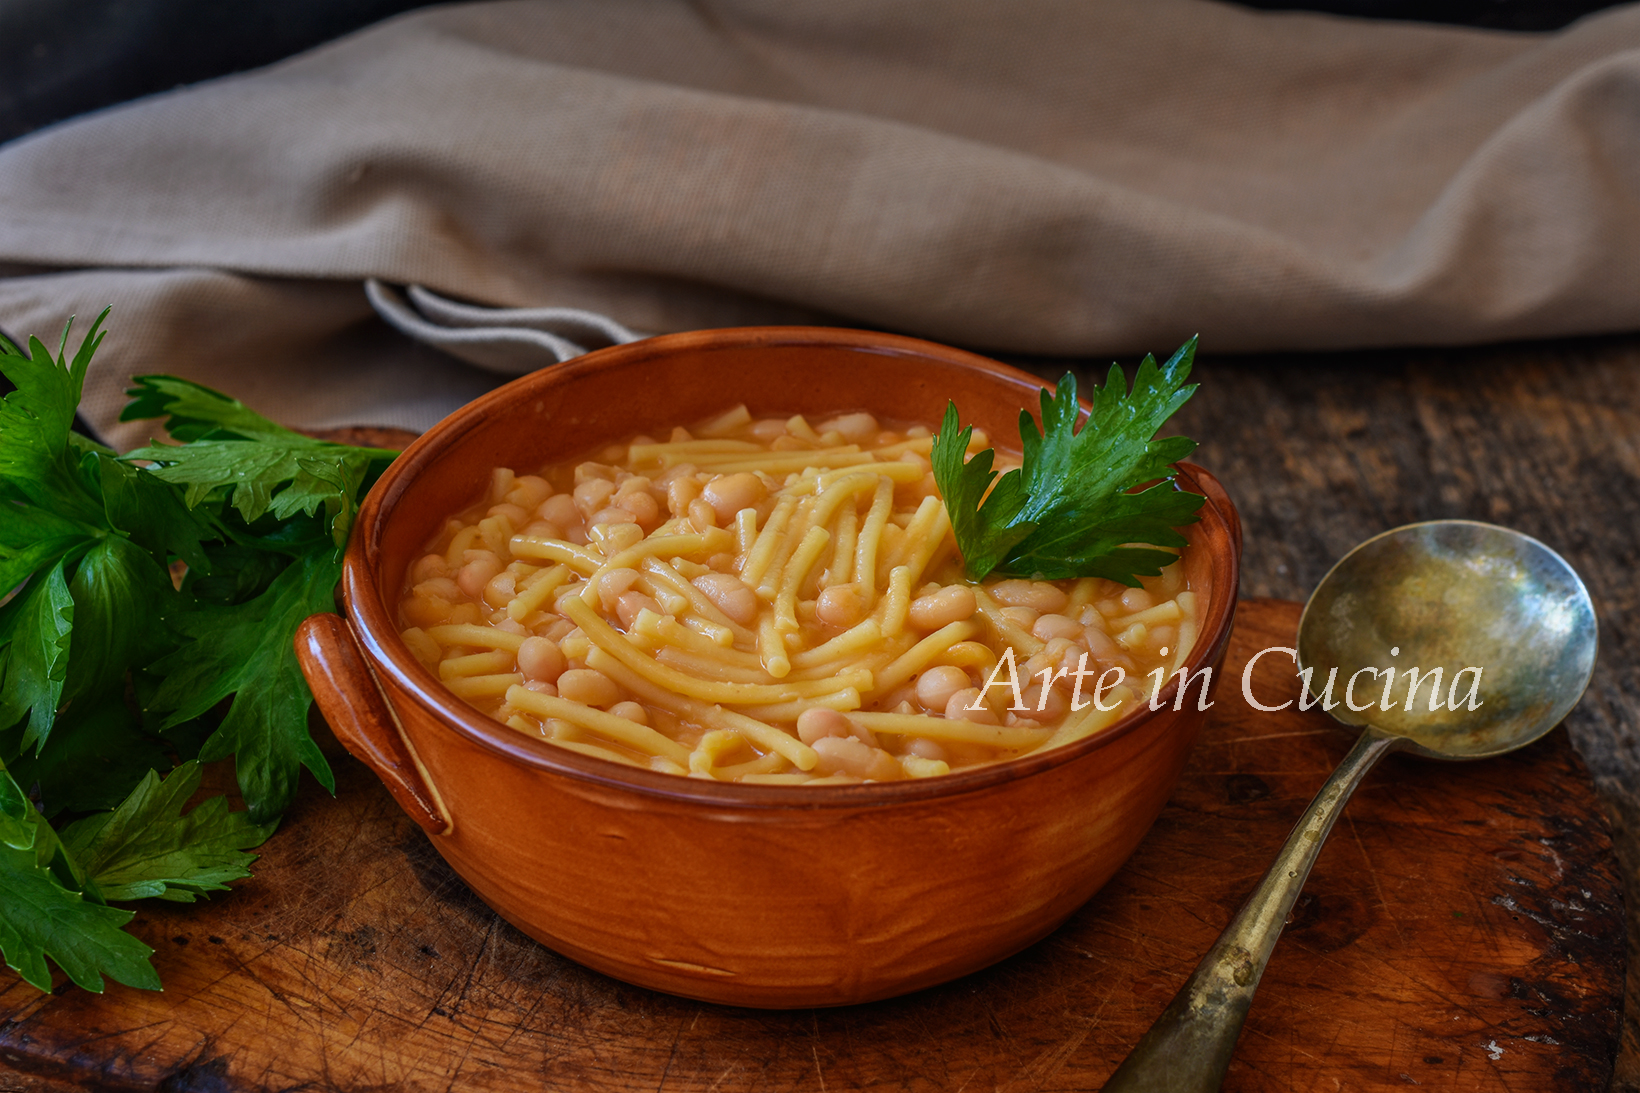 Pasta e fagioli ricetta classica napoletana